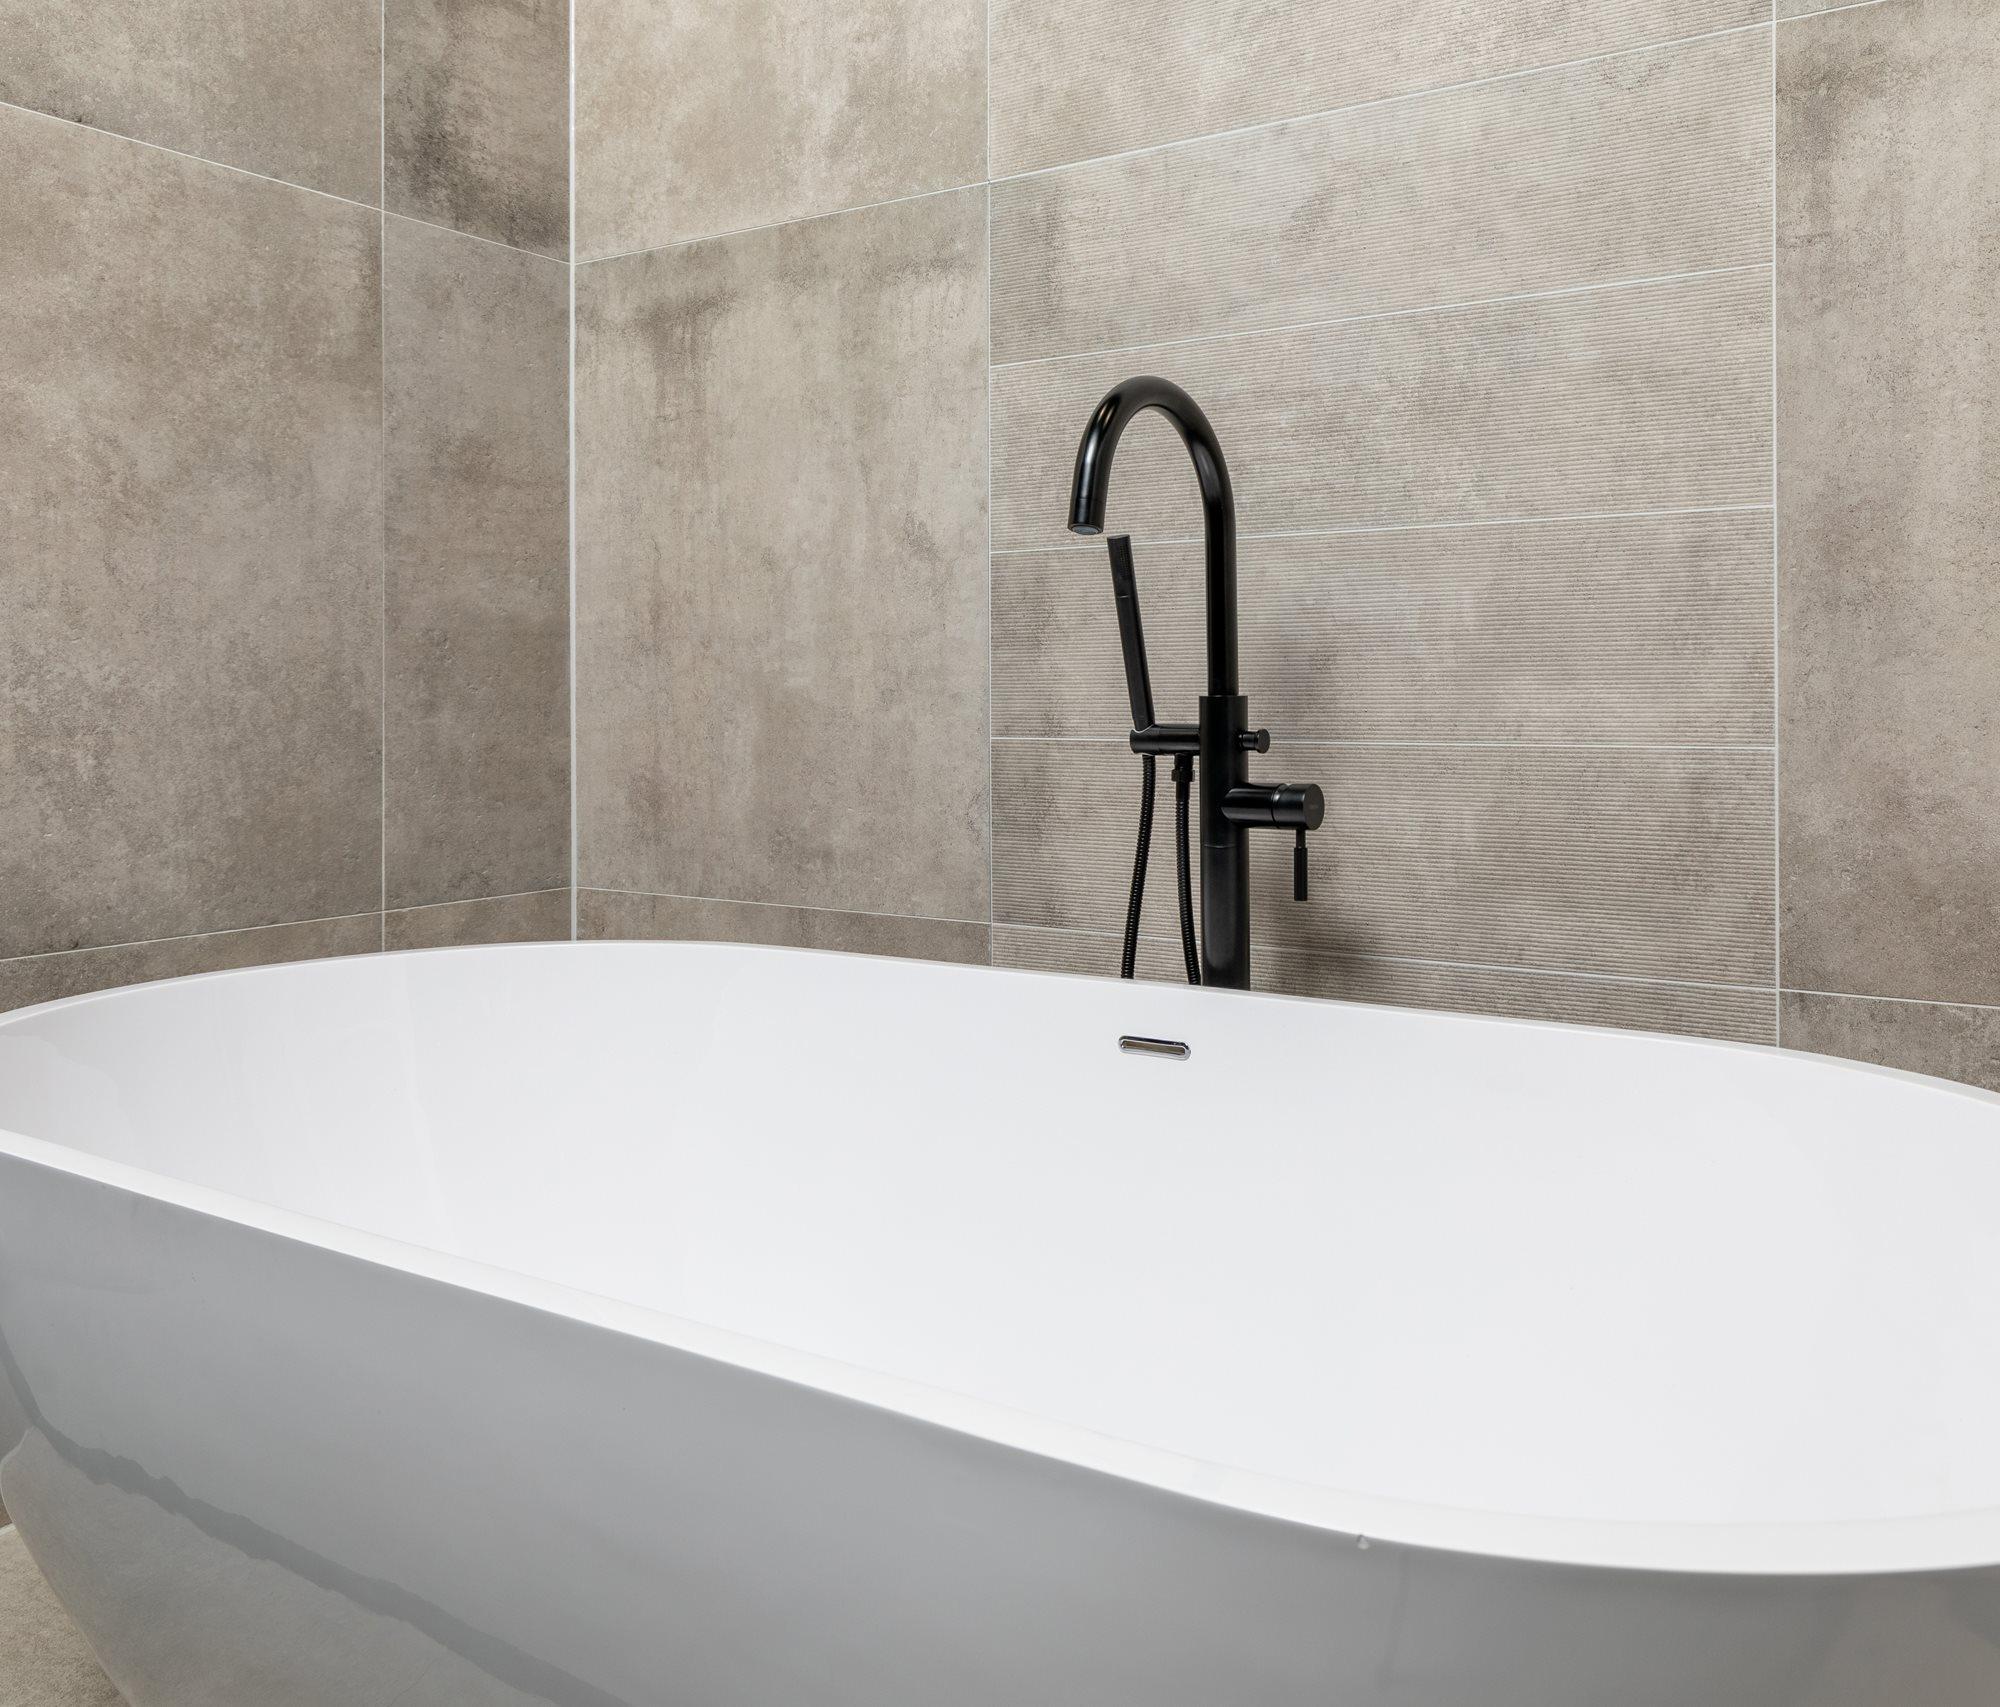 wit-vrijstaand-bad-zwarte-badkraan.jpg